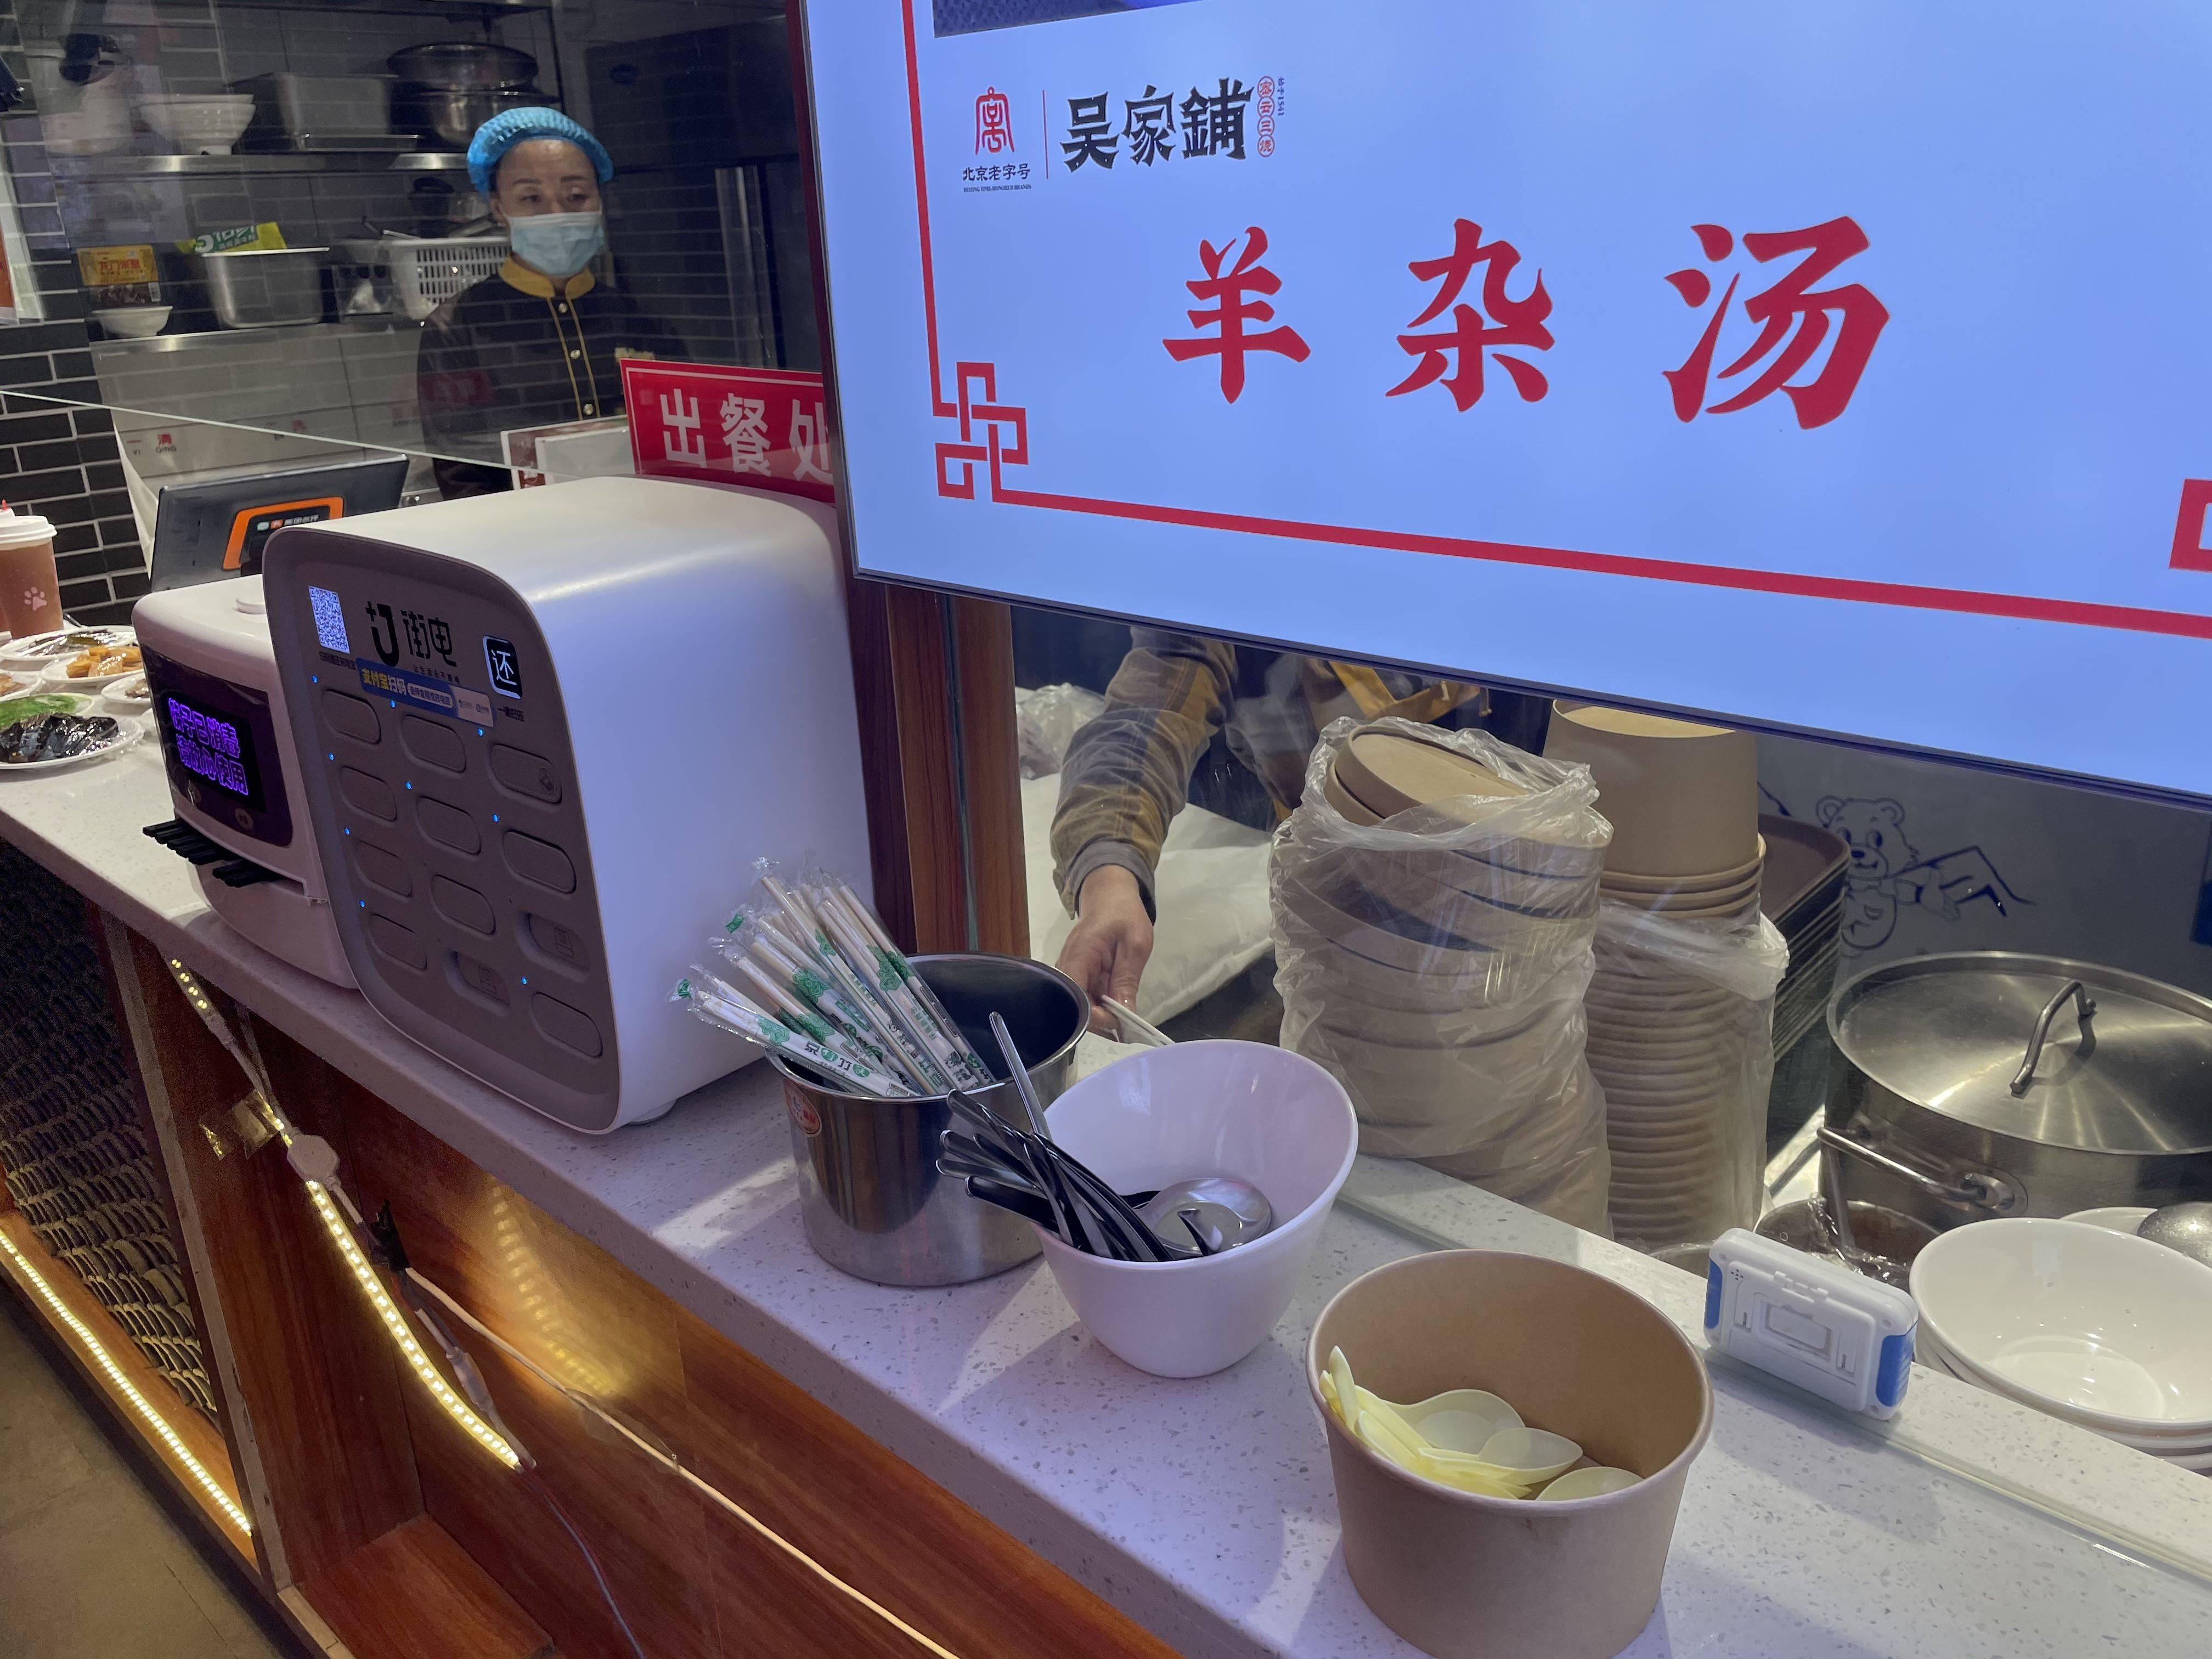 争鲜、小恒水饺等仍用不可降解塑料袋,有餐饮